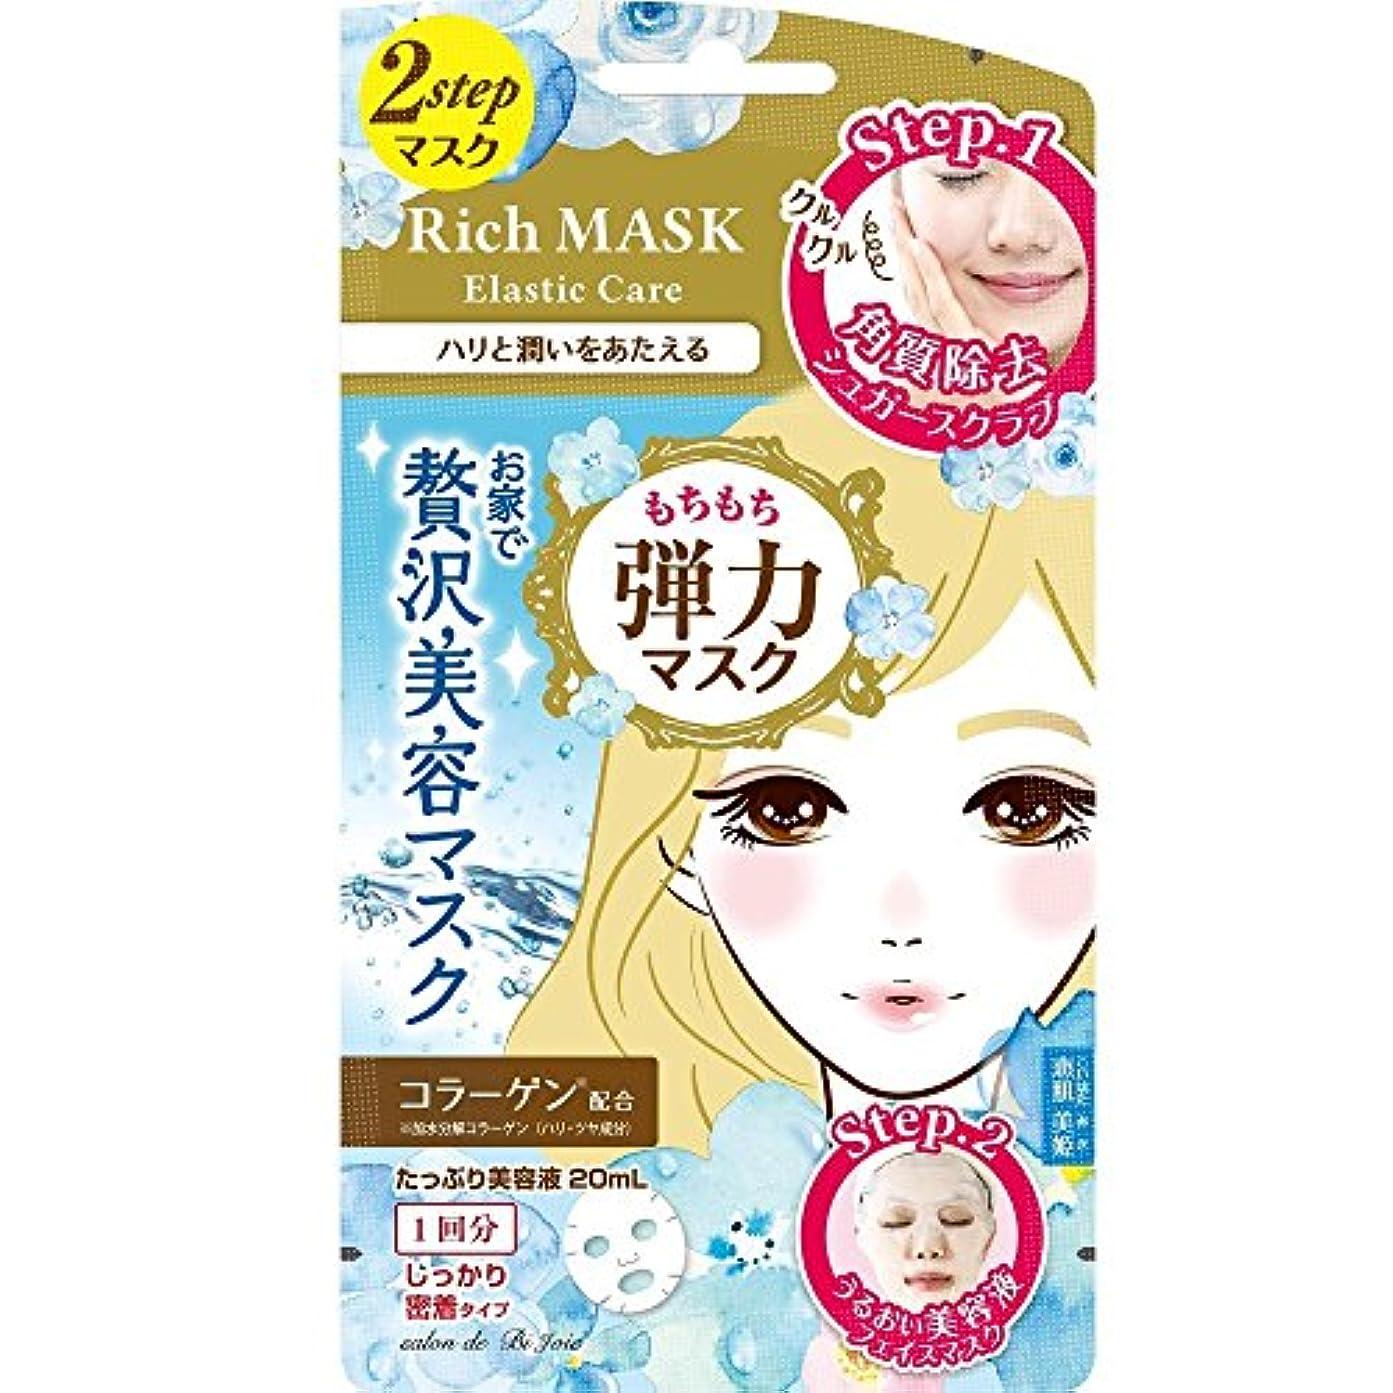 ワークショップ問い合わせる白いビューティーワールド 贅沢リッチマスク もち肌 コラーゲン配合 BSM283